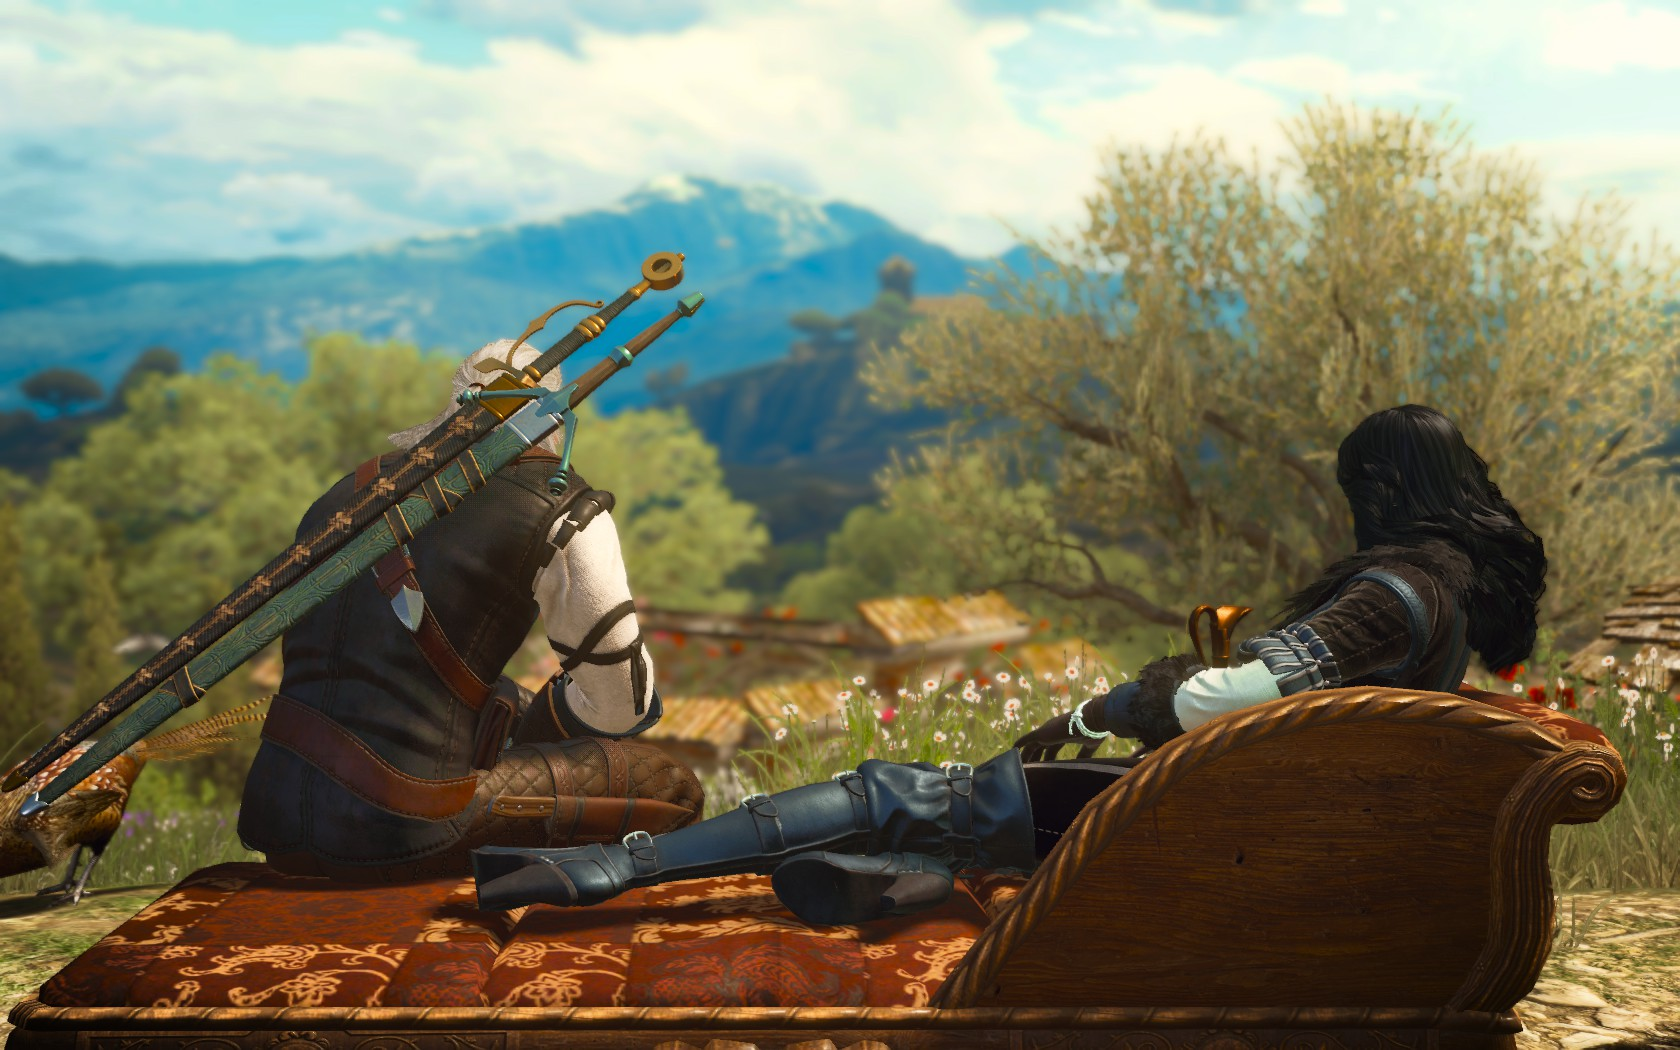 Геральт и Йен - Witcher 3: Wild Hunt, the DLC